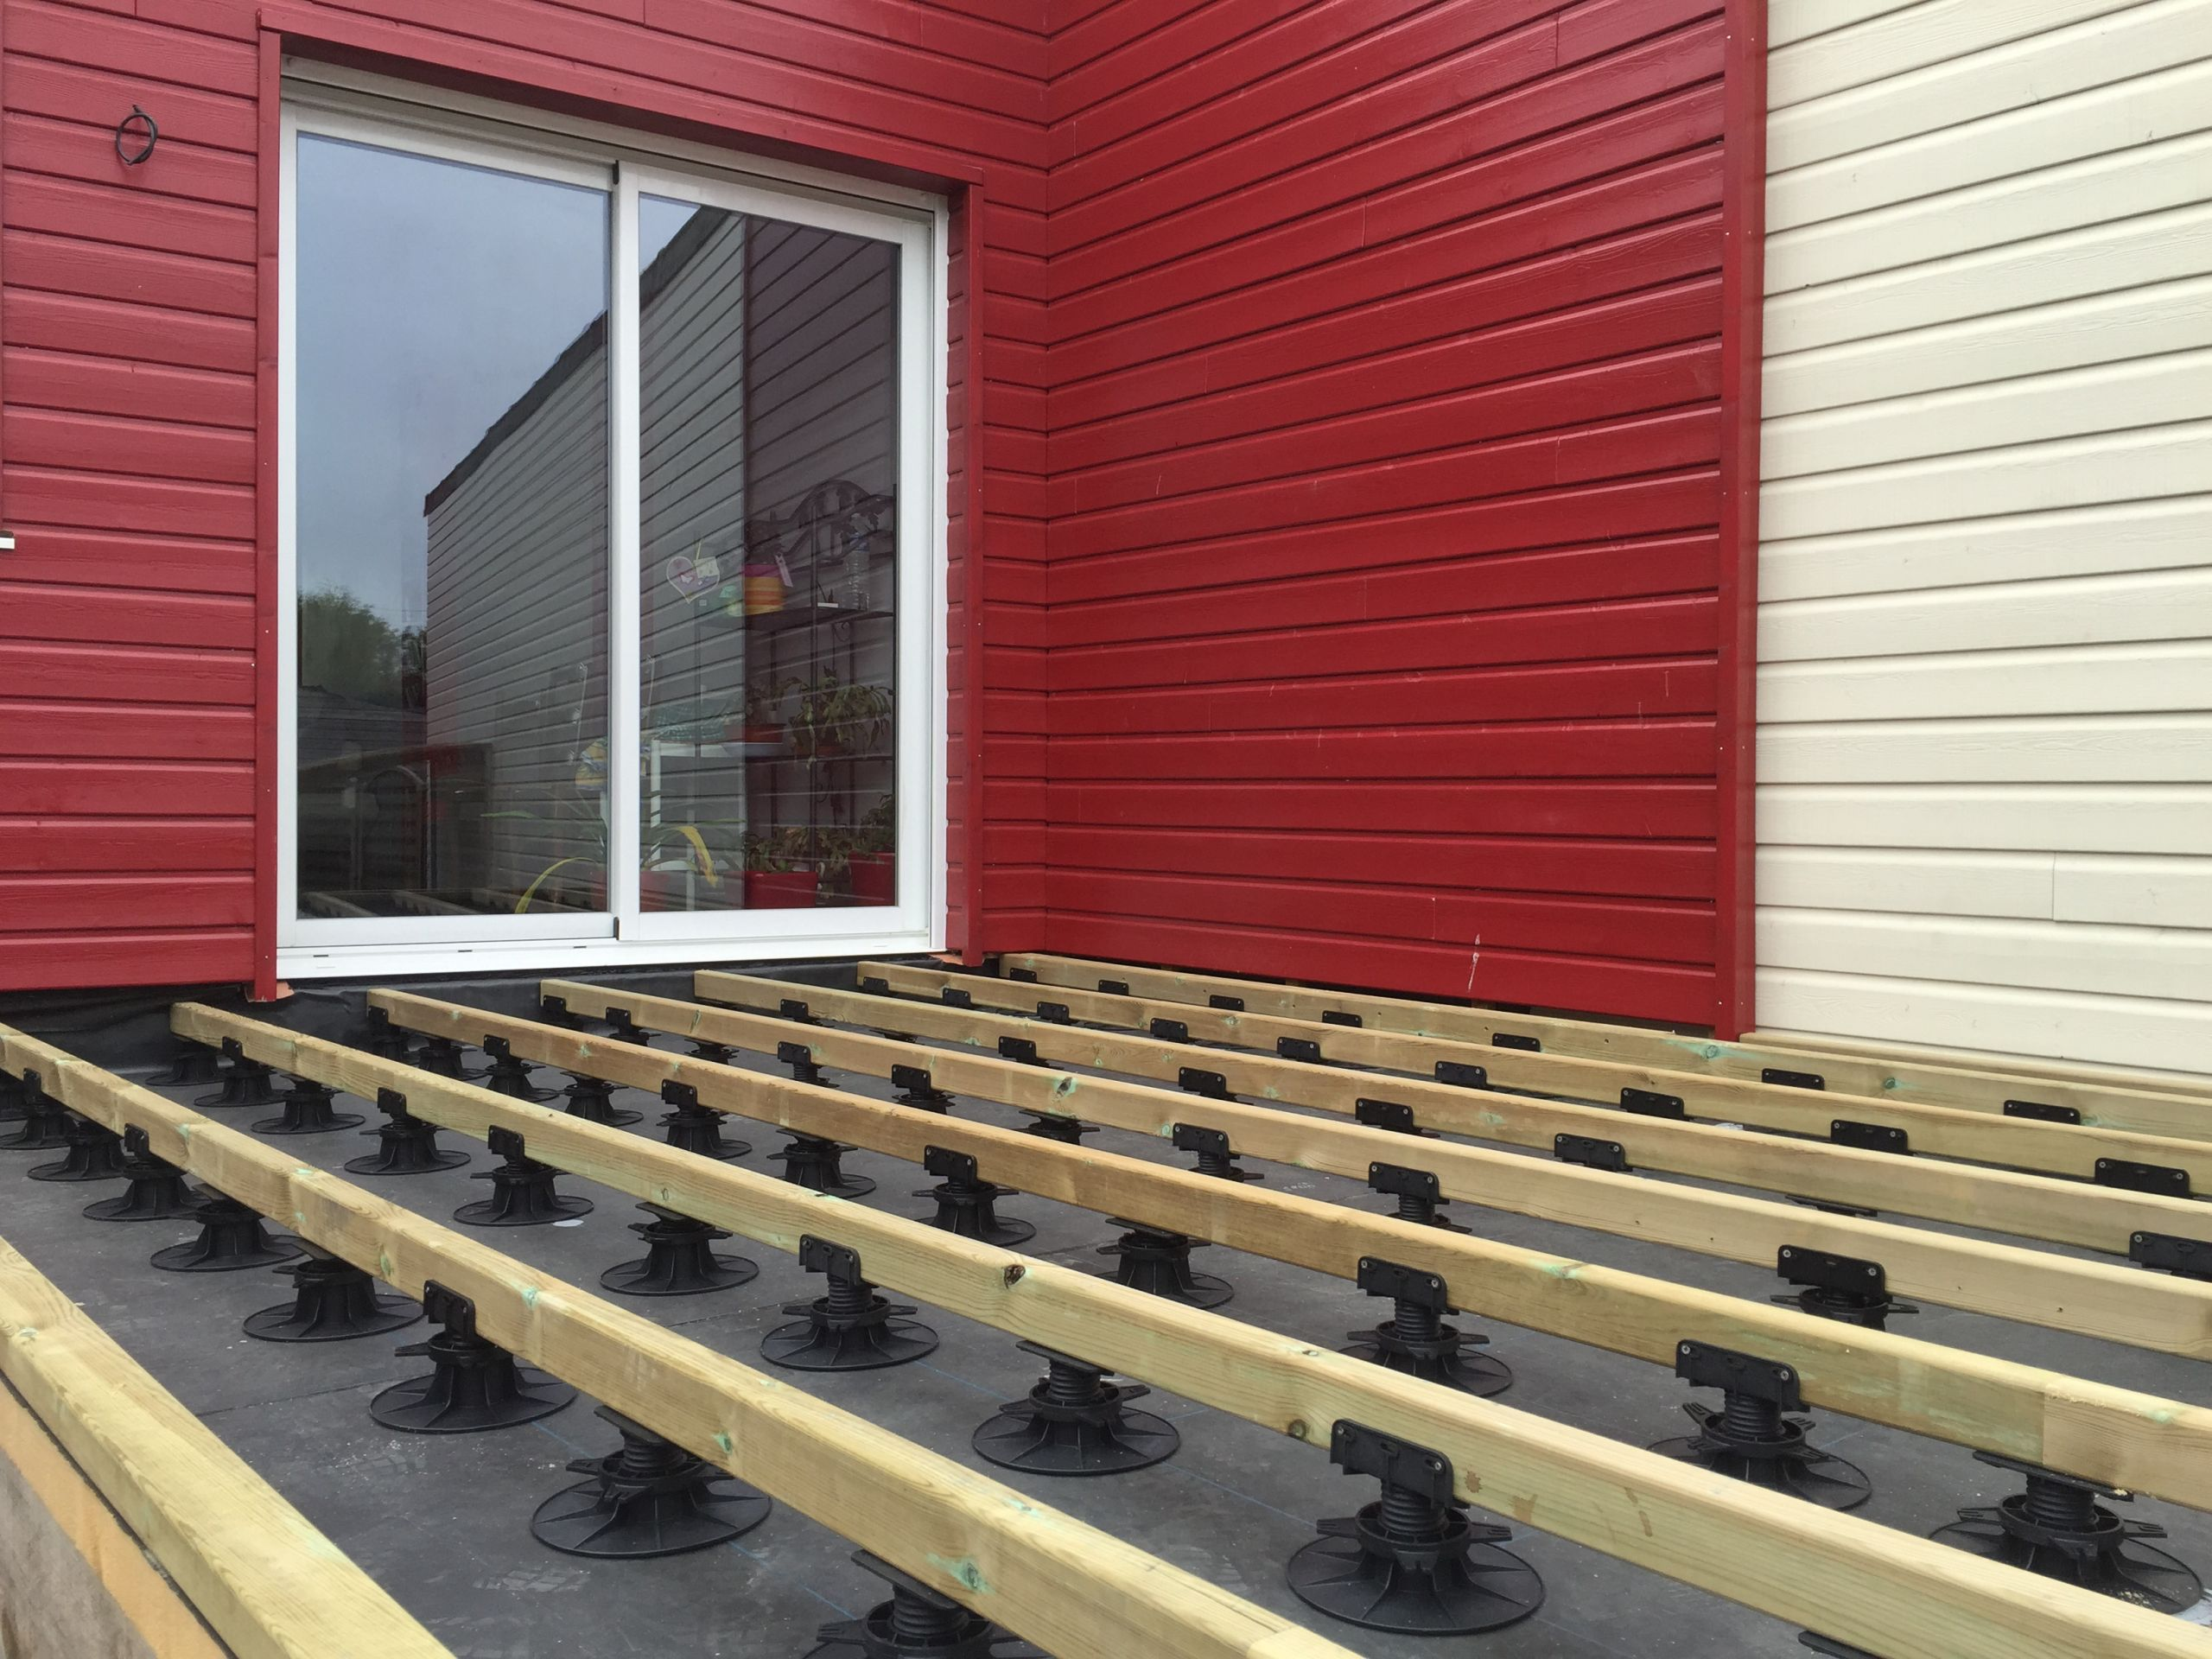 La terrasse est pos e sur plots b tons sur les extr mit s